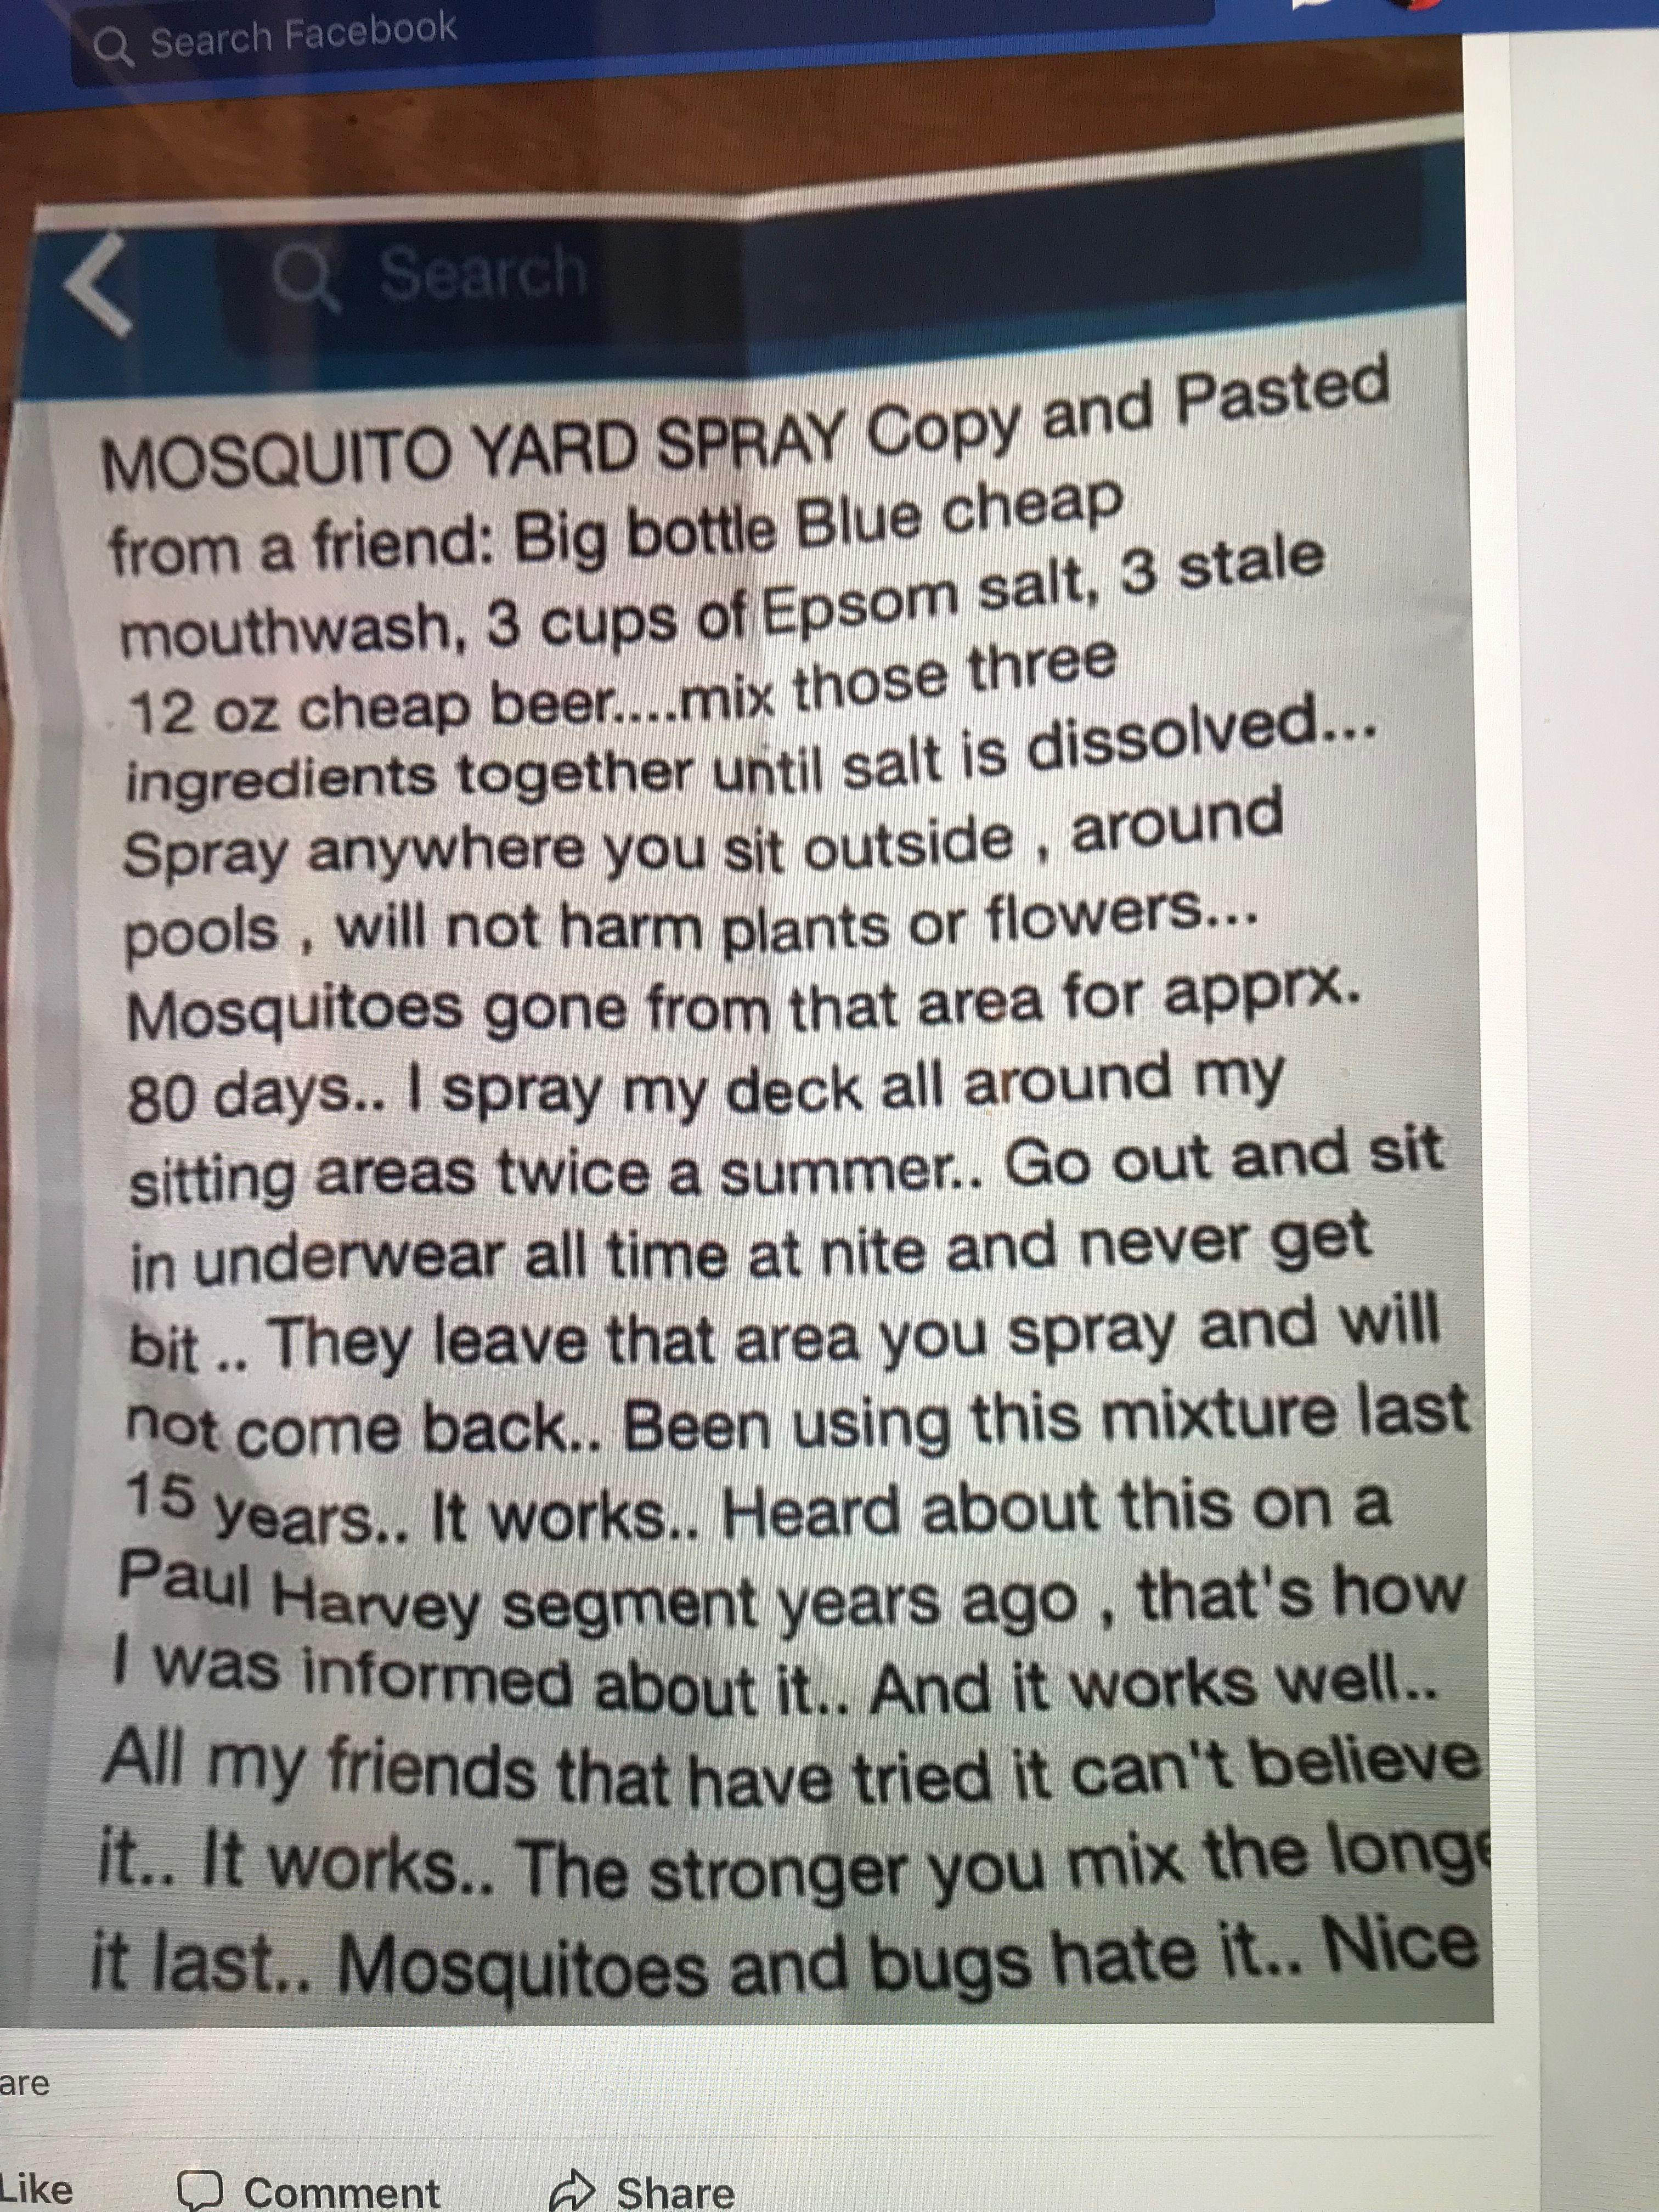 DIY mosquito yard spray Mosquito yard spray, Cheap beer, Diy